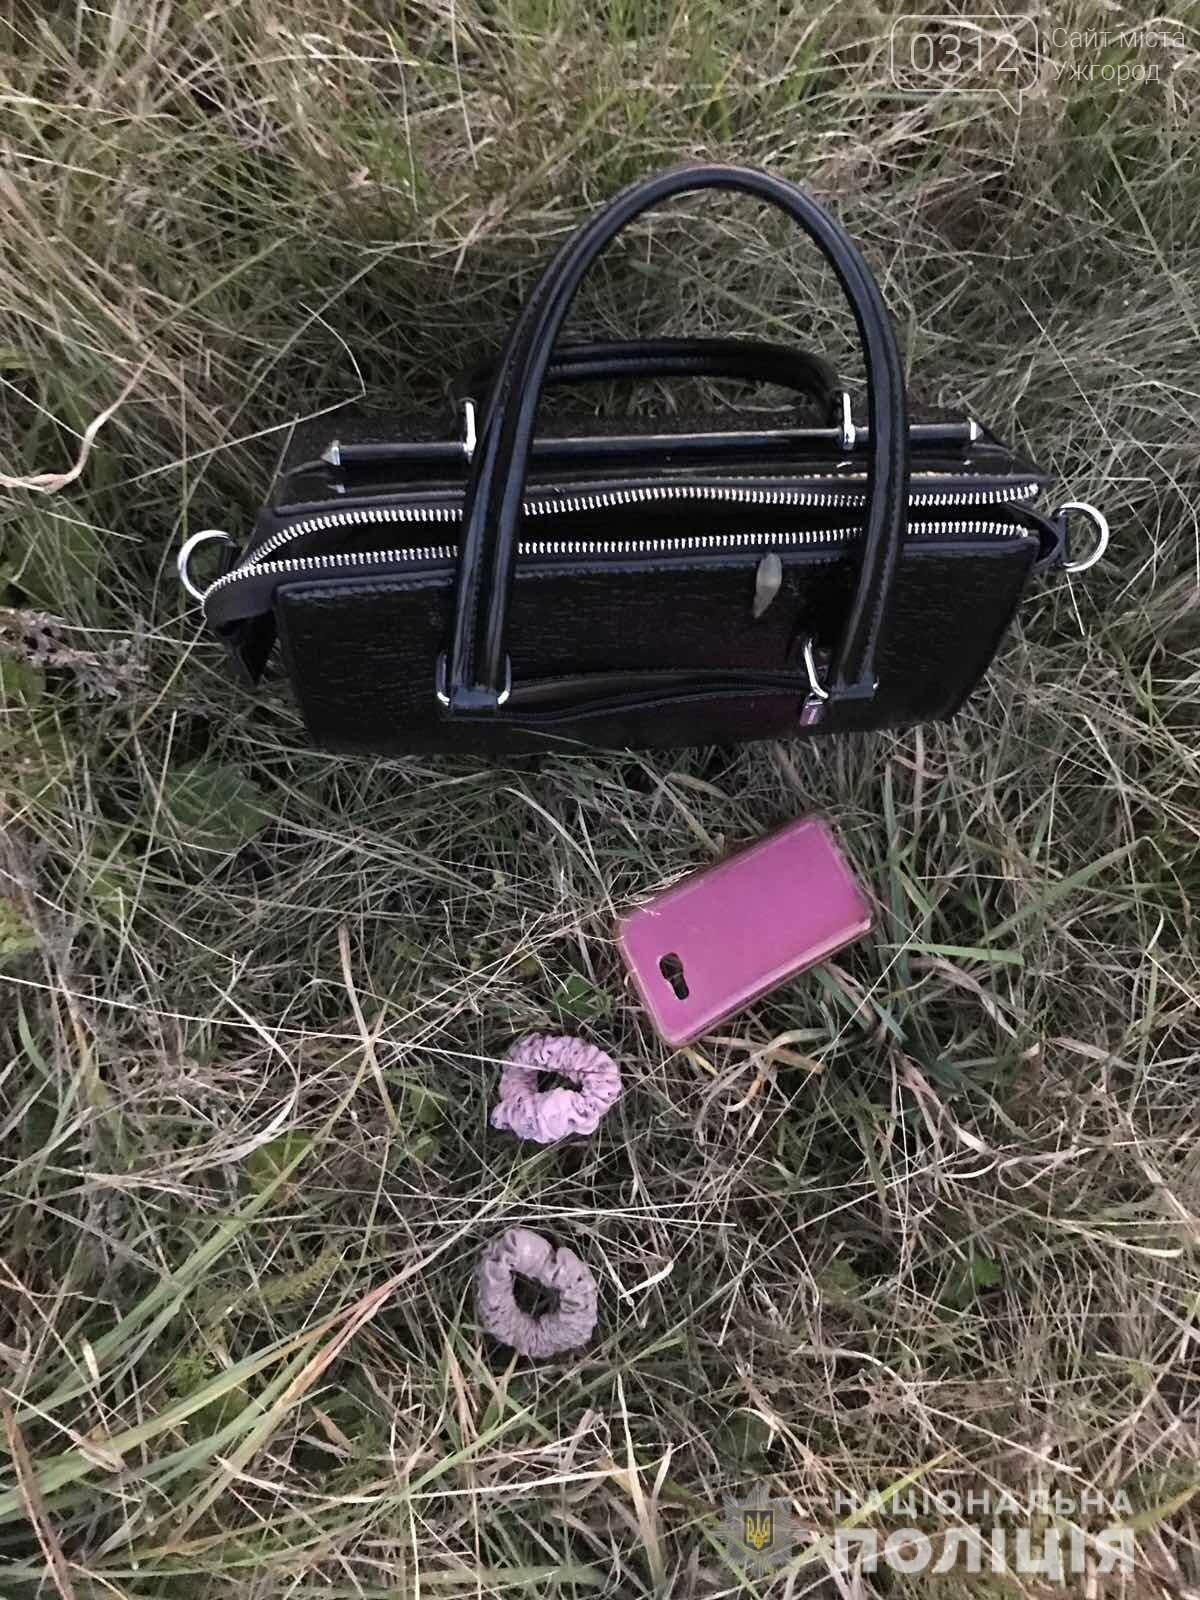 Неповнолітній закарпатець вирвав з рук 47-річної жінки сумку та втік (ФОТО), фото-2